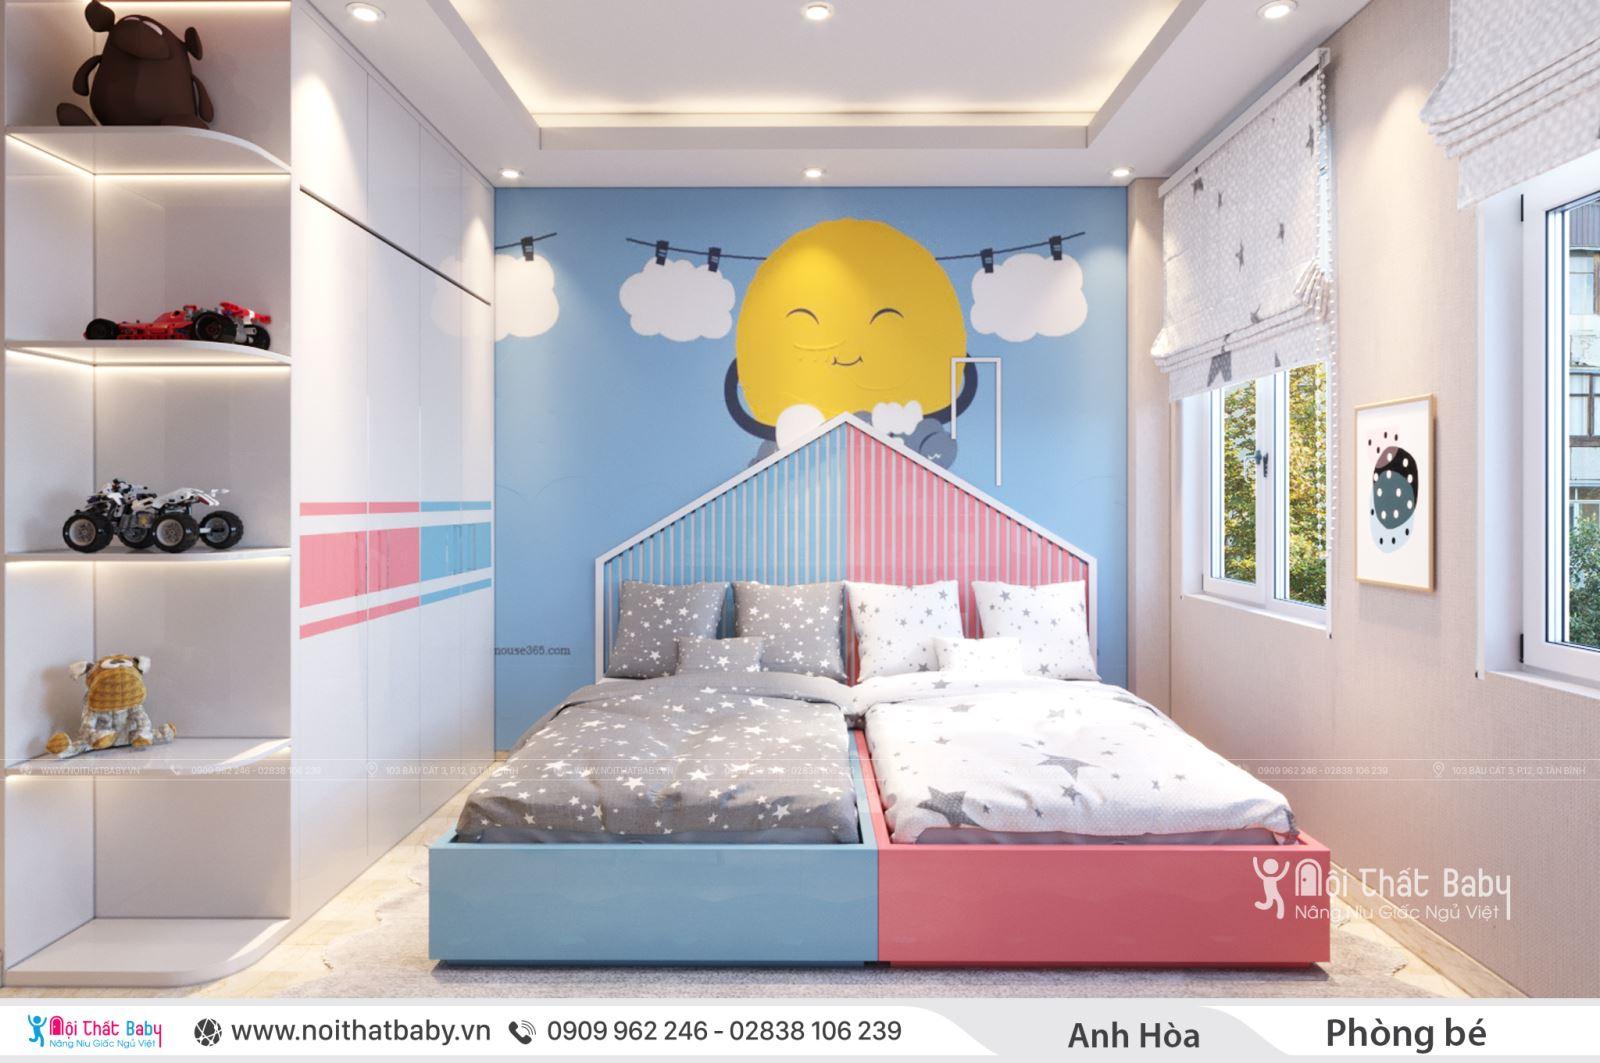 Tổng hợp những mẫu giường ngủ cho trẻ em mới nhất